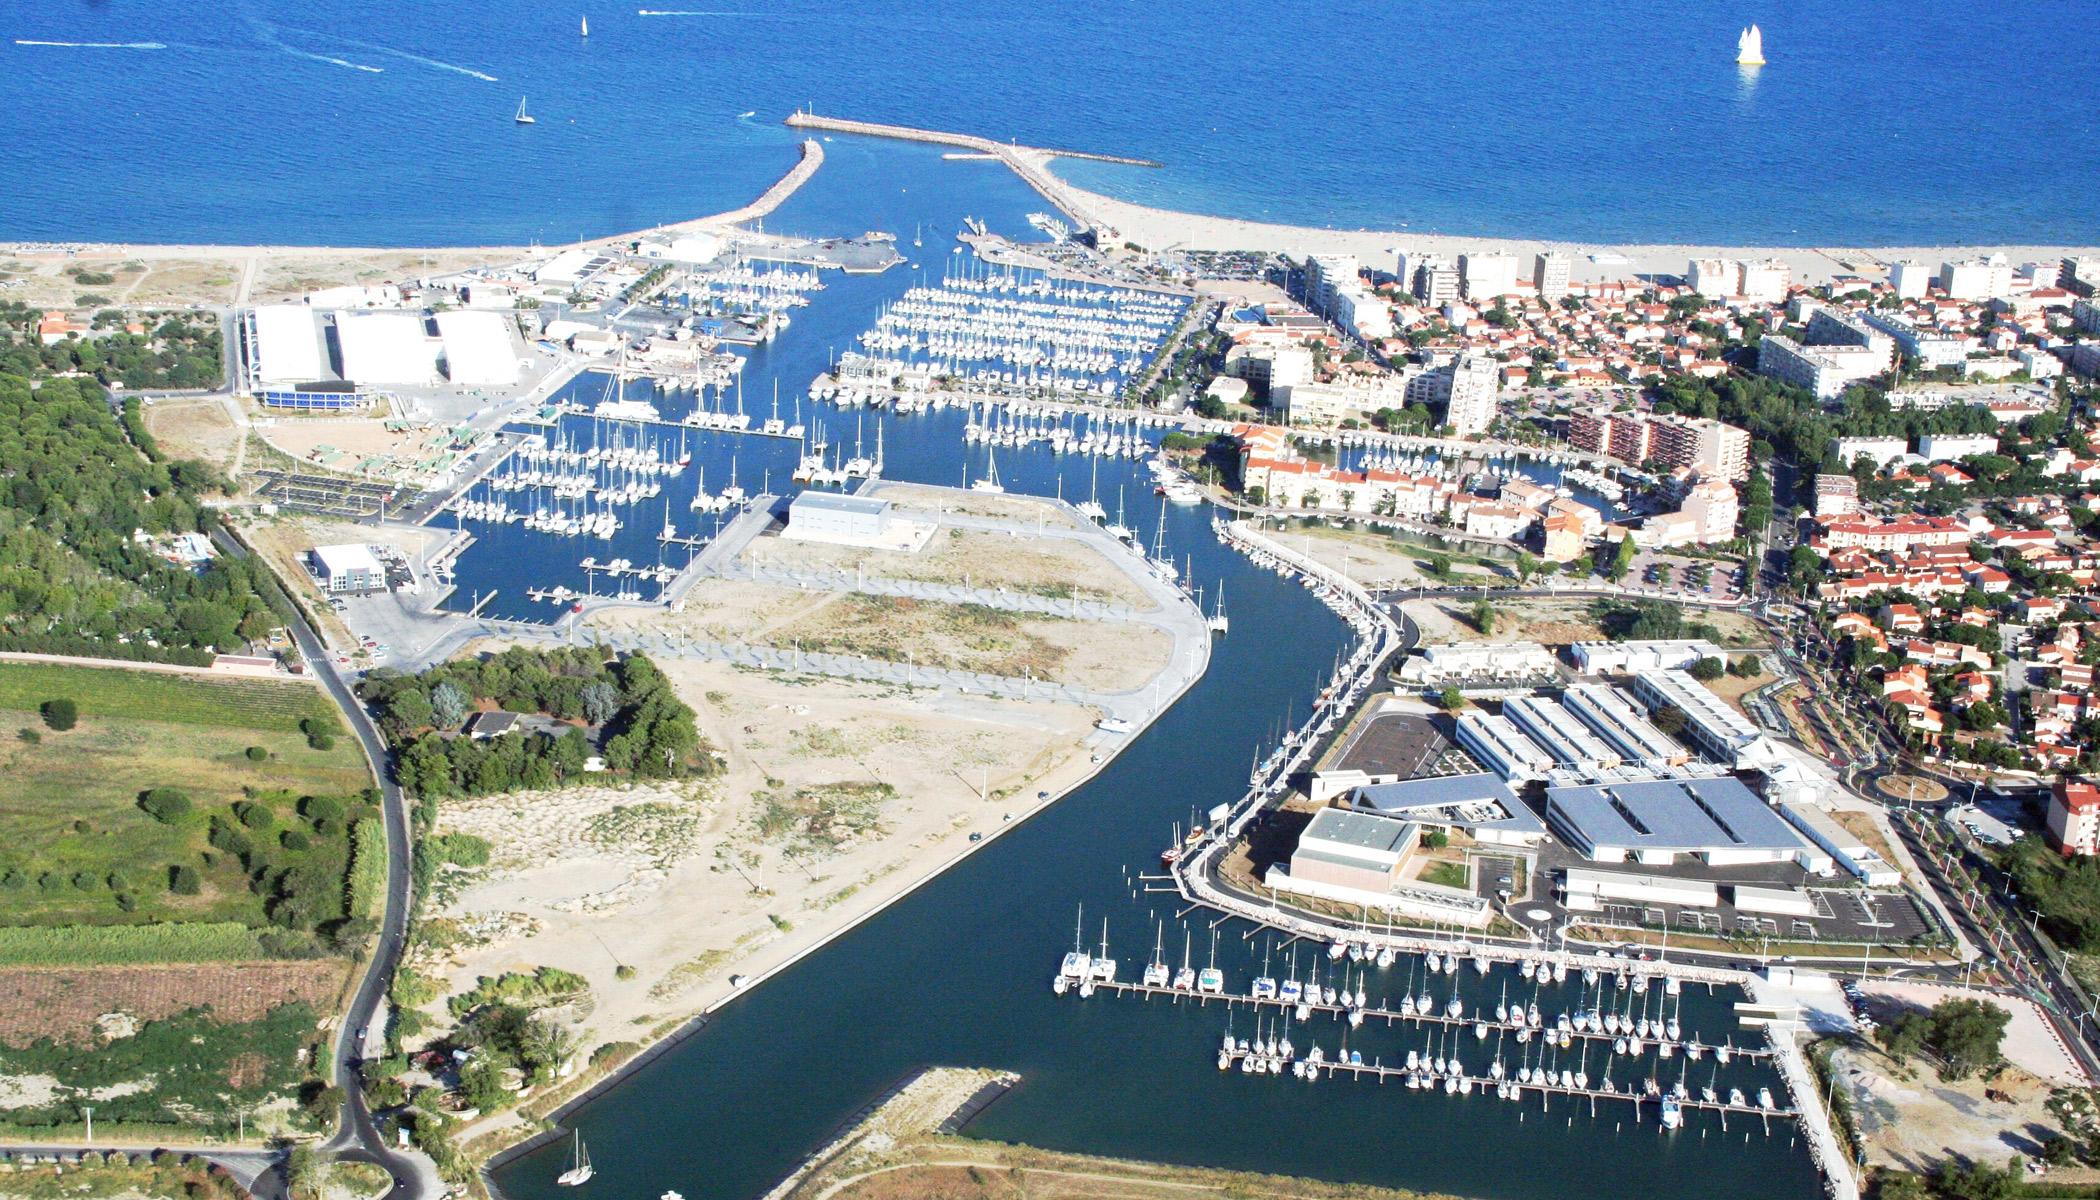 Location de bateau canet en roussillon - Office du tourisme de canet en roussillon 66140 ...